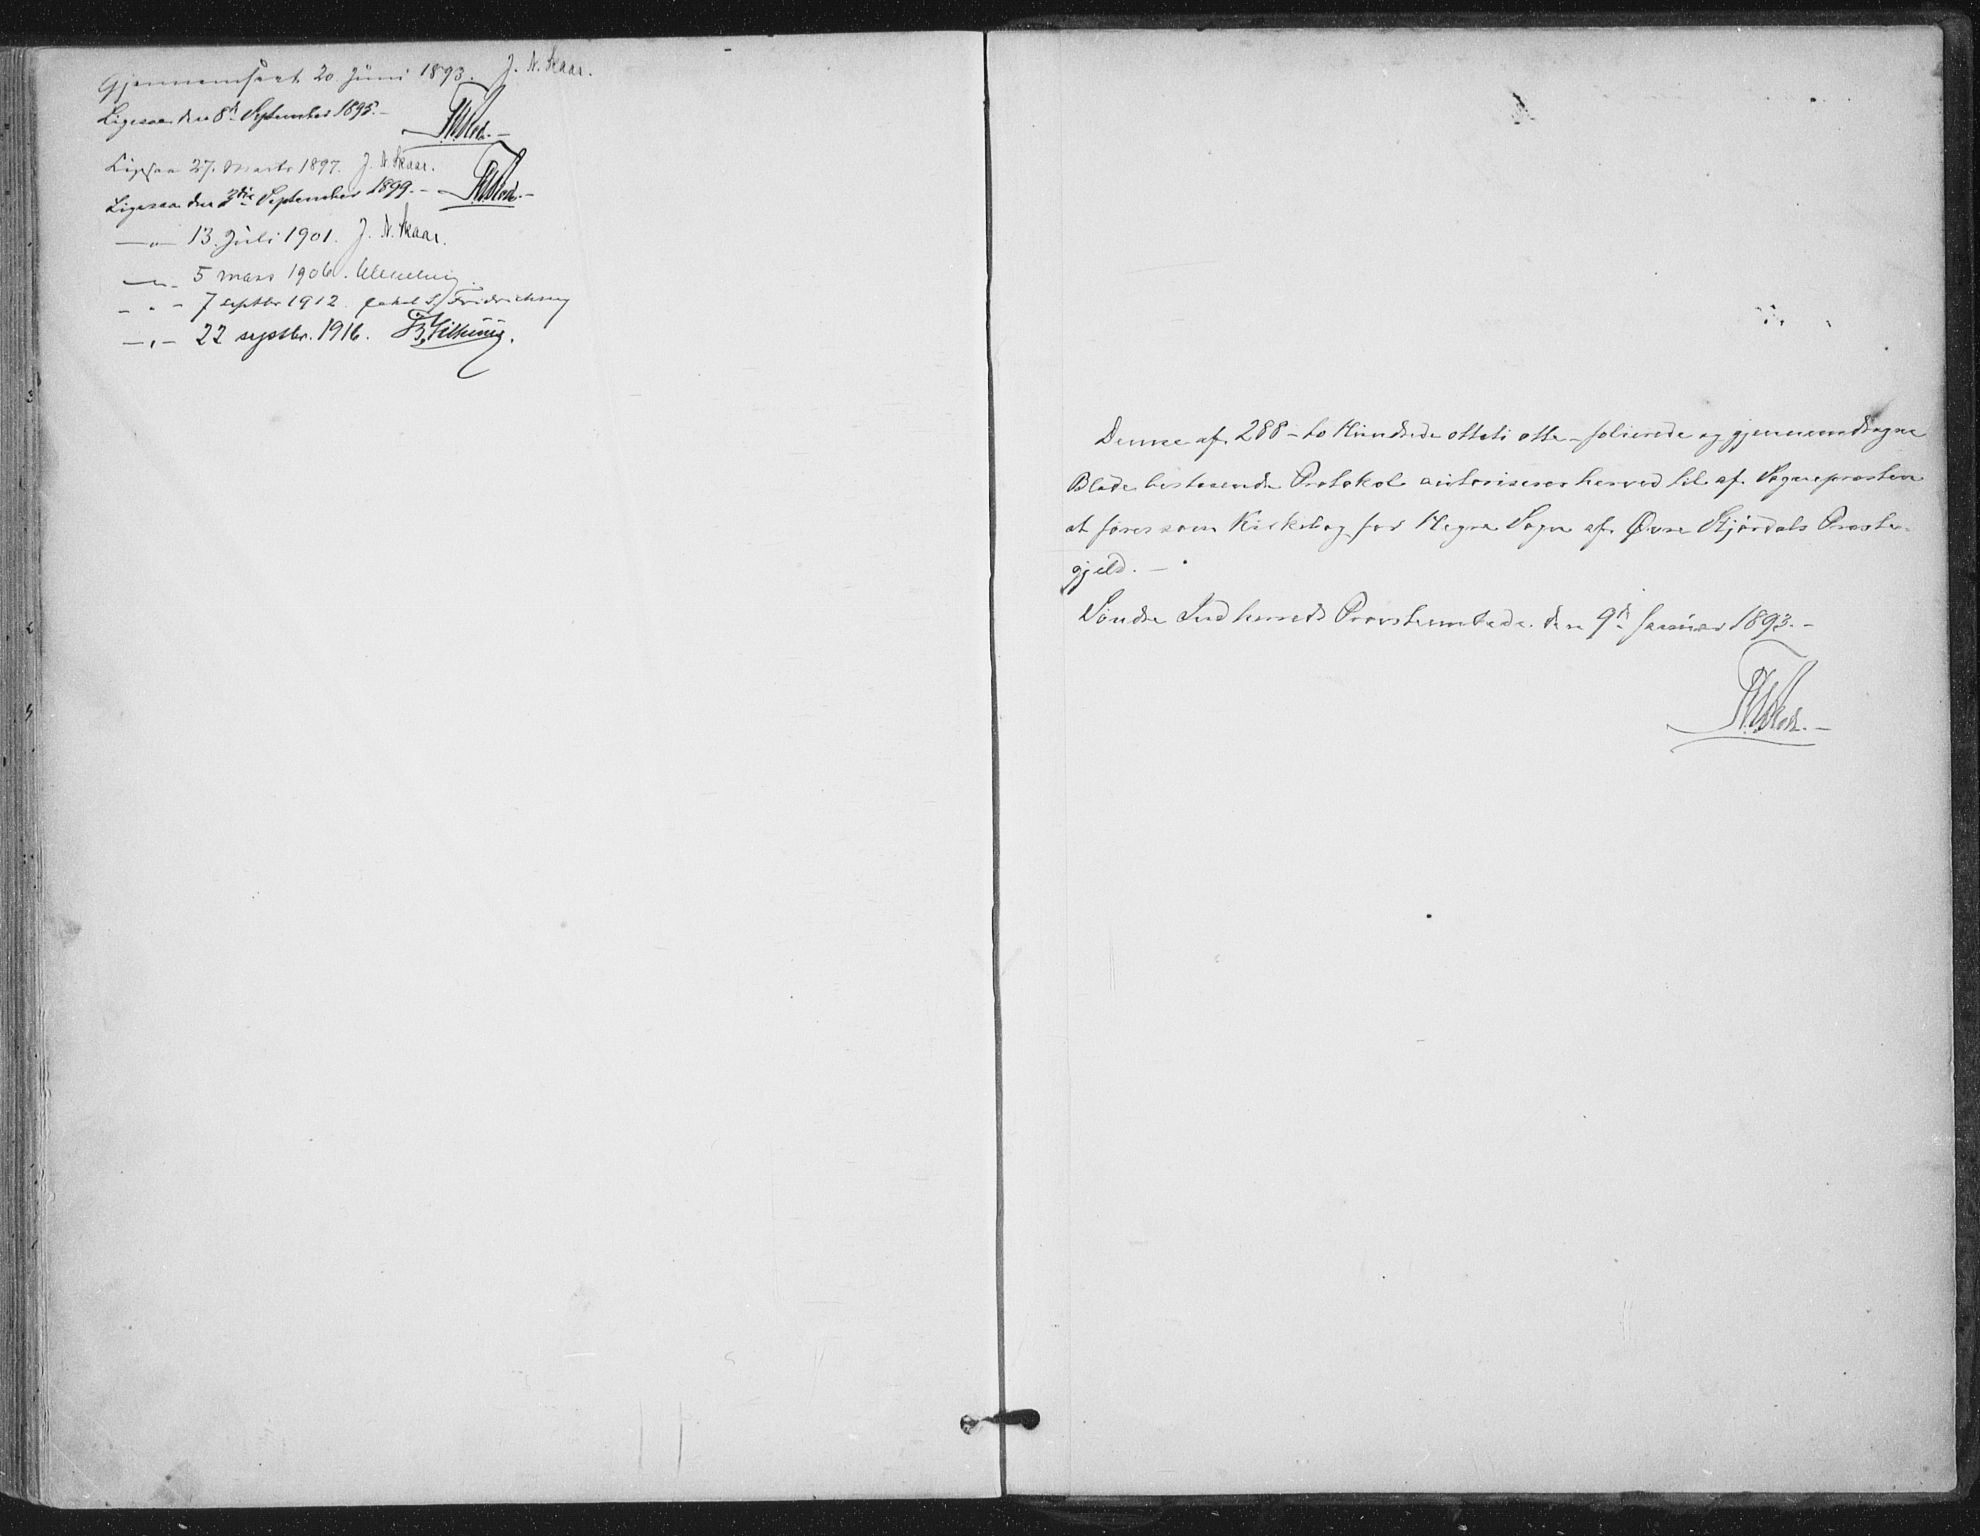 SAT, Ministerialprotokoller, klokkerbøker og fødselsregistre - Nord-Trøndelag, 703/L0031: Parish register (official) no. 703A04, 1893-1914